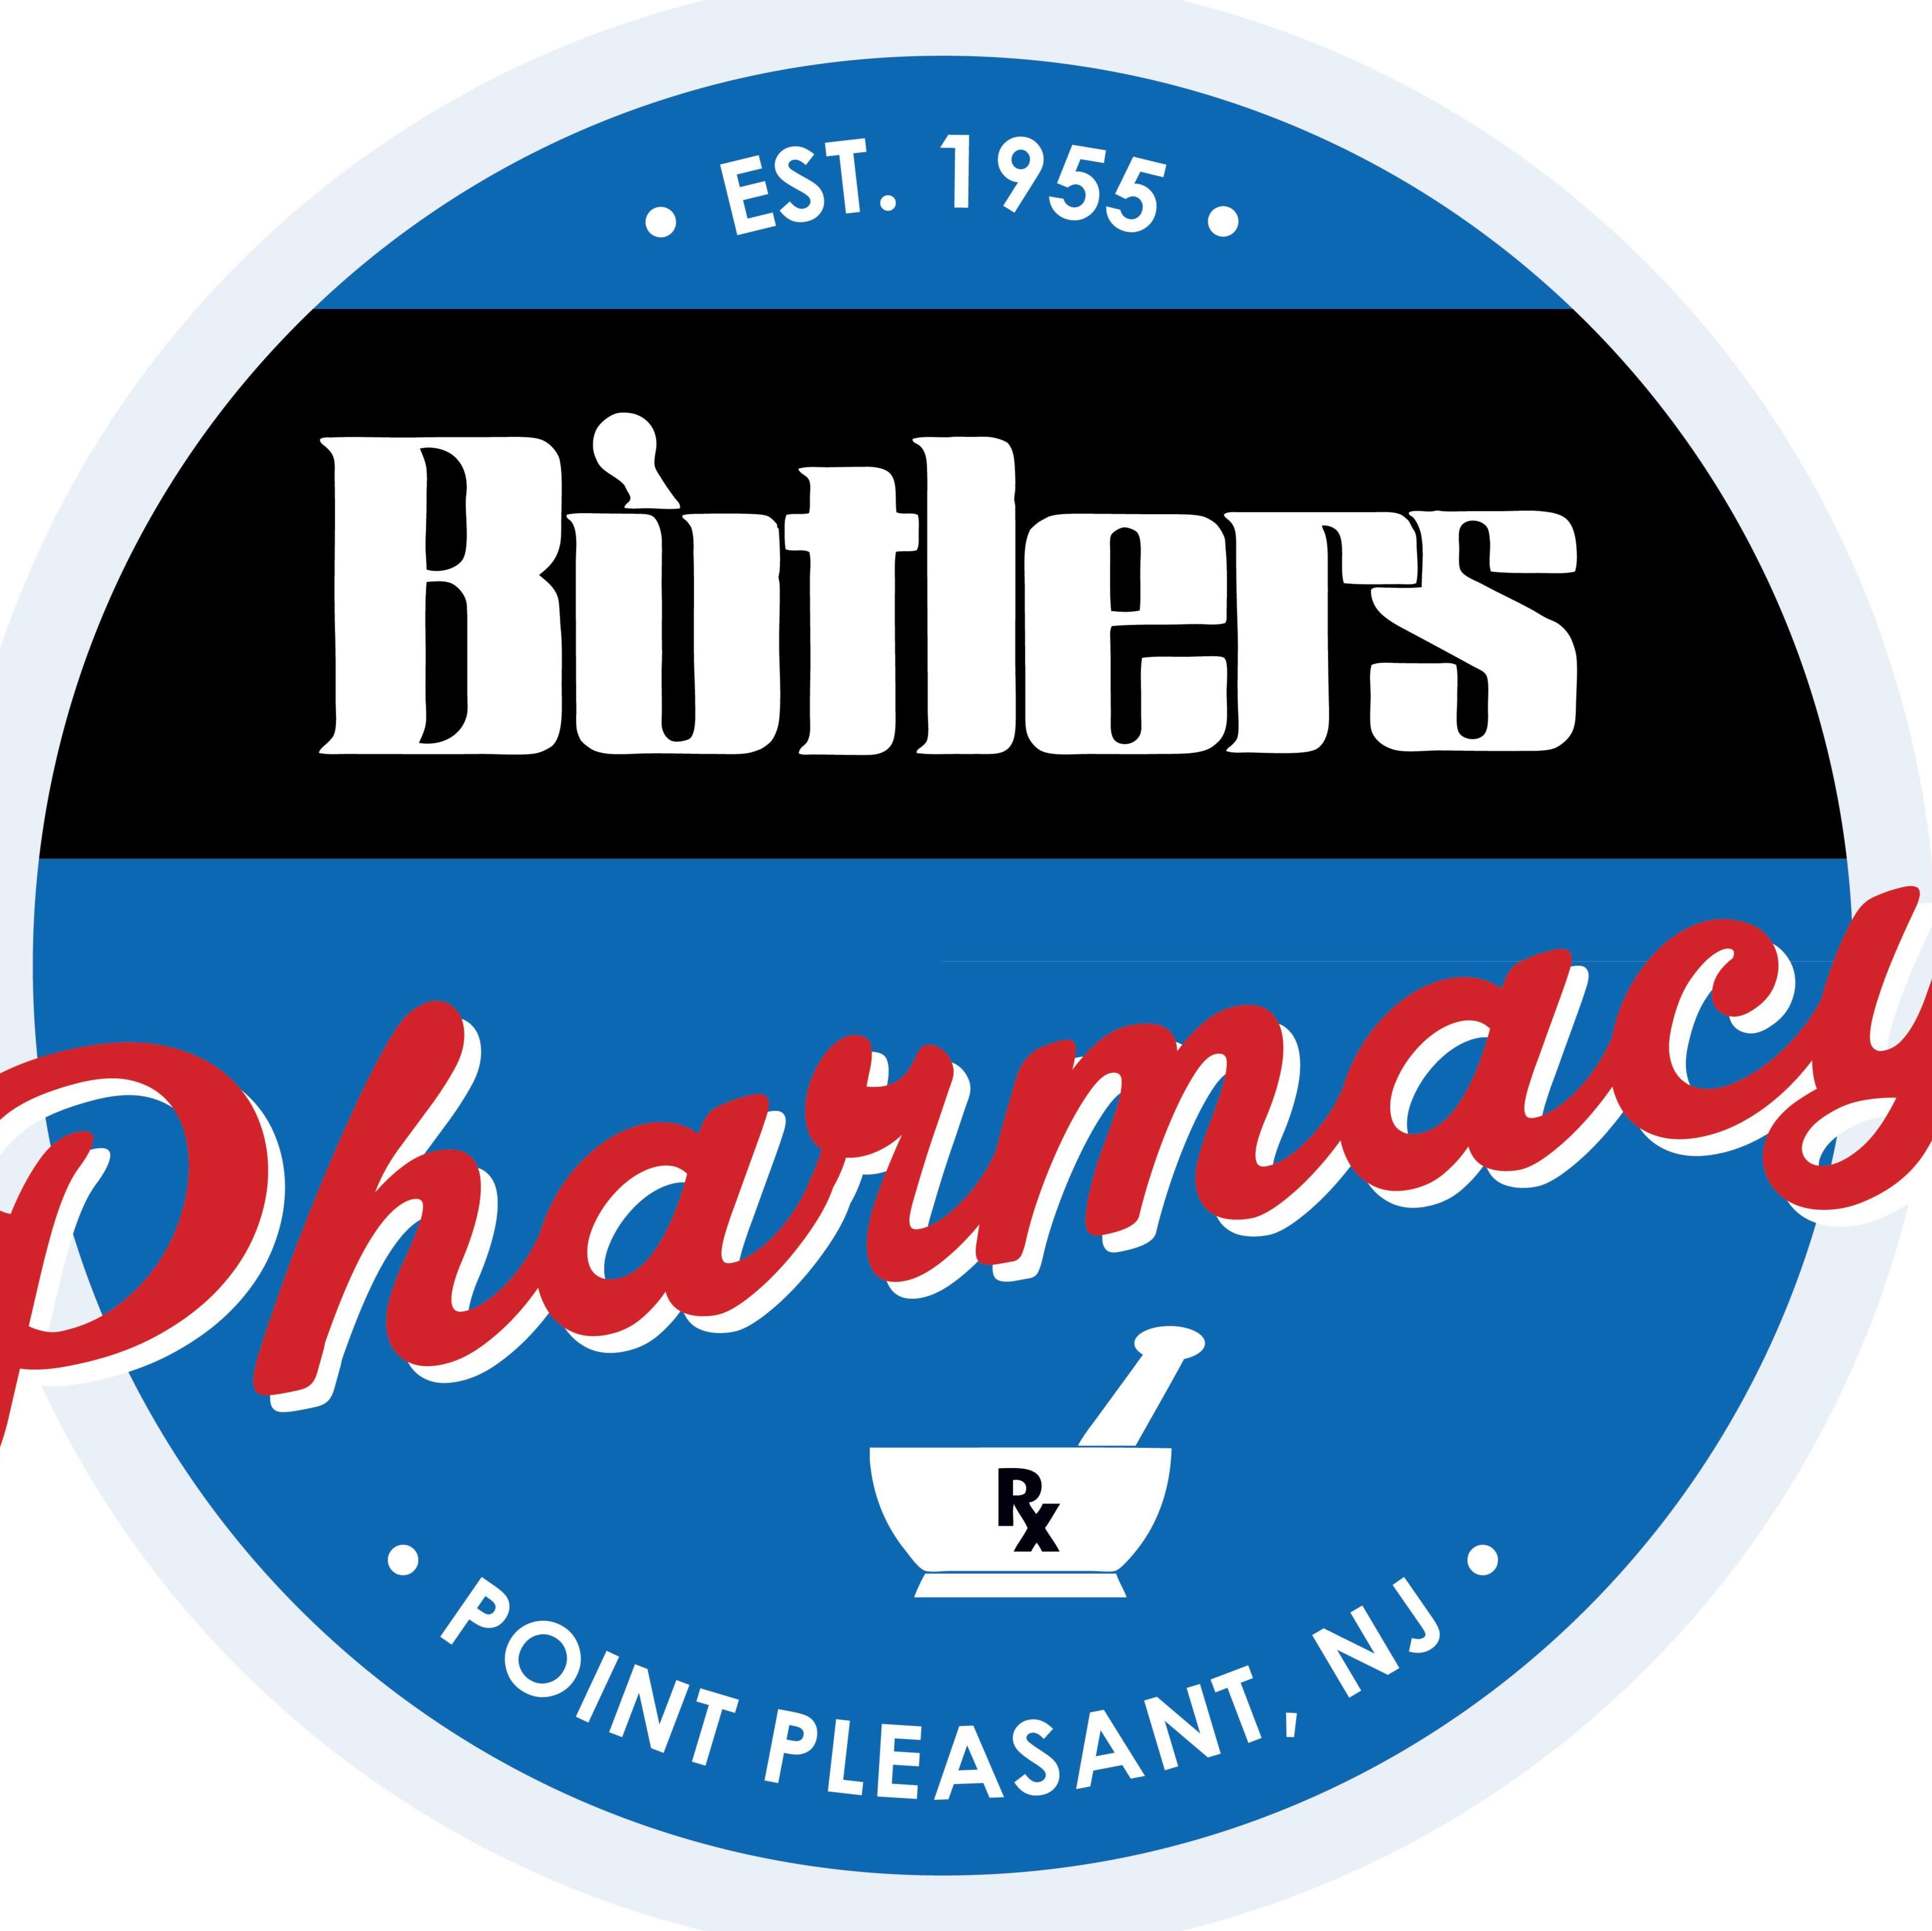 Butler Pharmacy